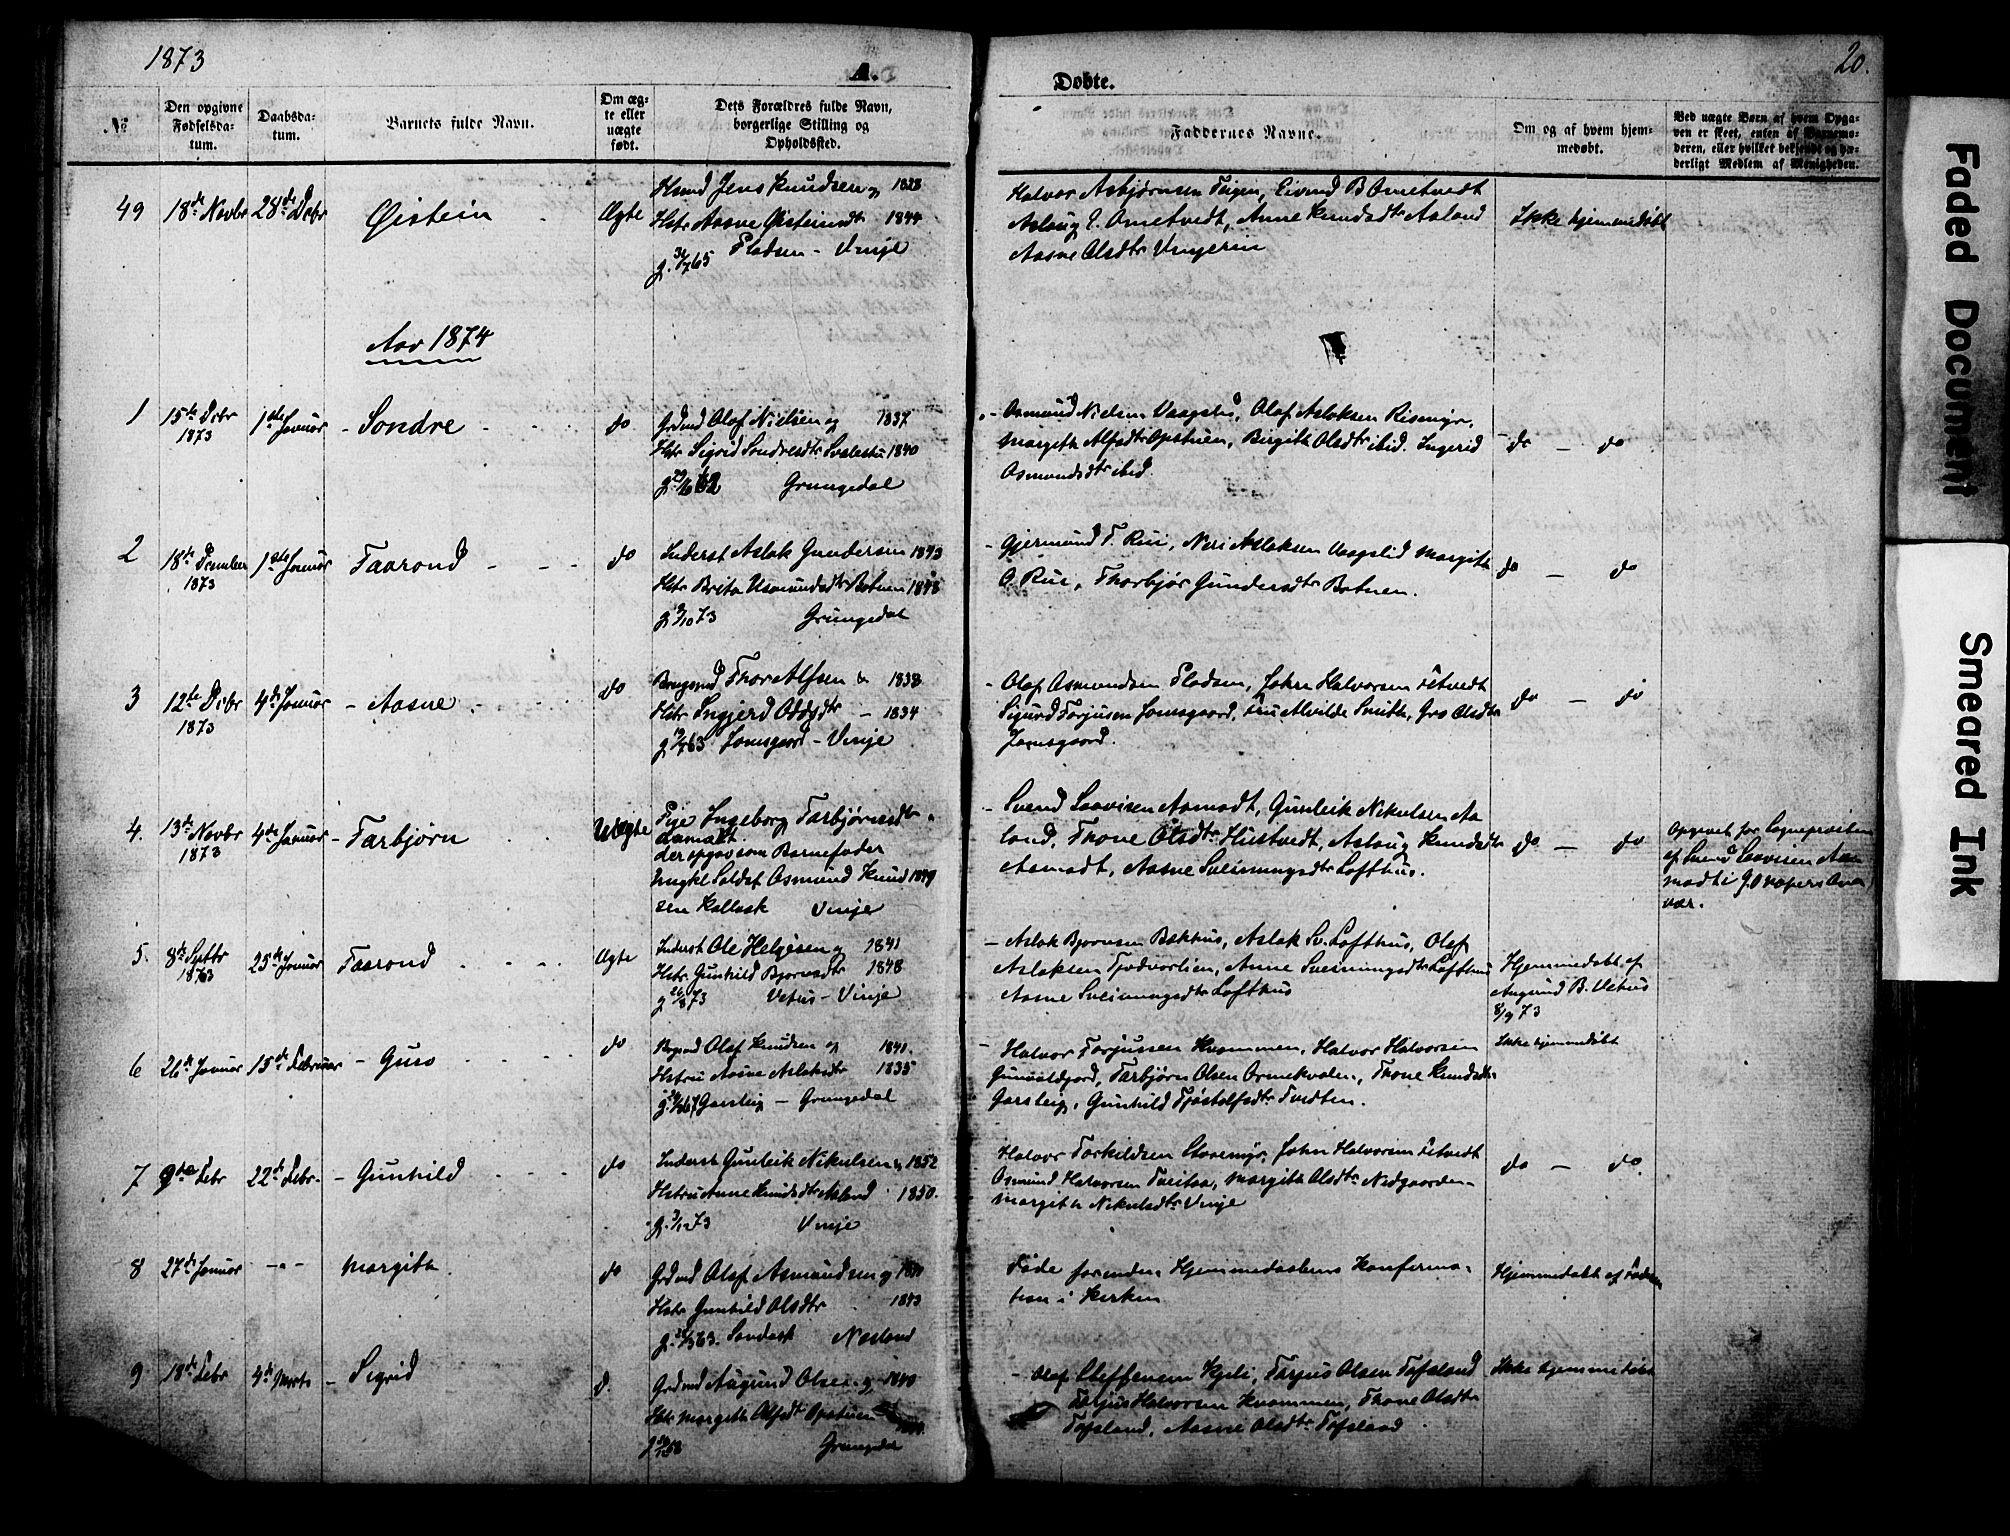 SAKO, Vinje kirkebøker, F/Fa/L0005: Ministerialbok nr. I 5, 1870-1886, s. 20